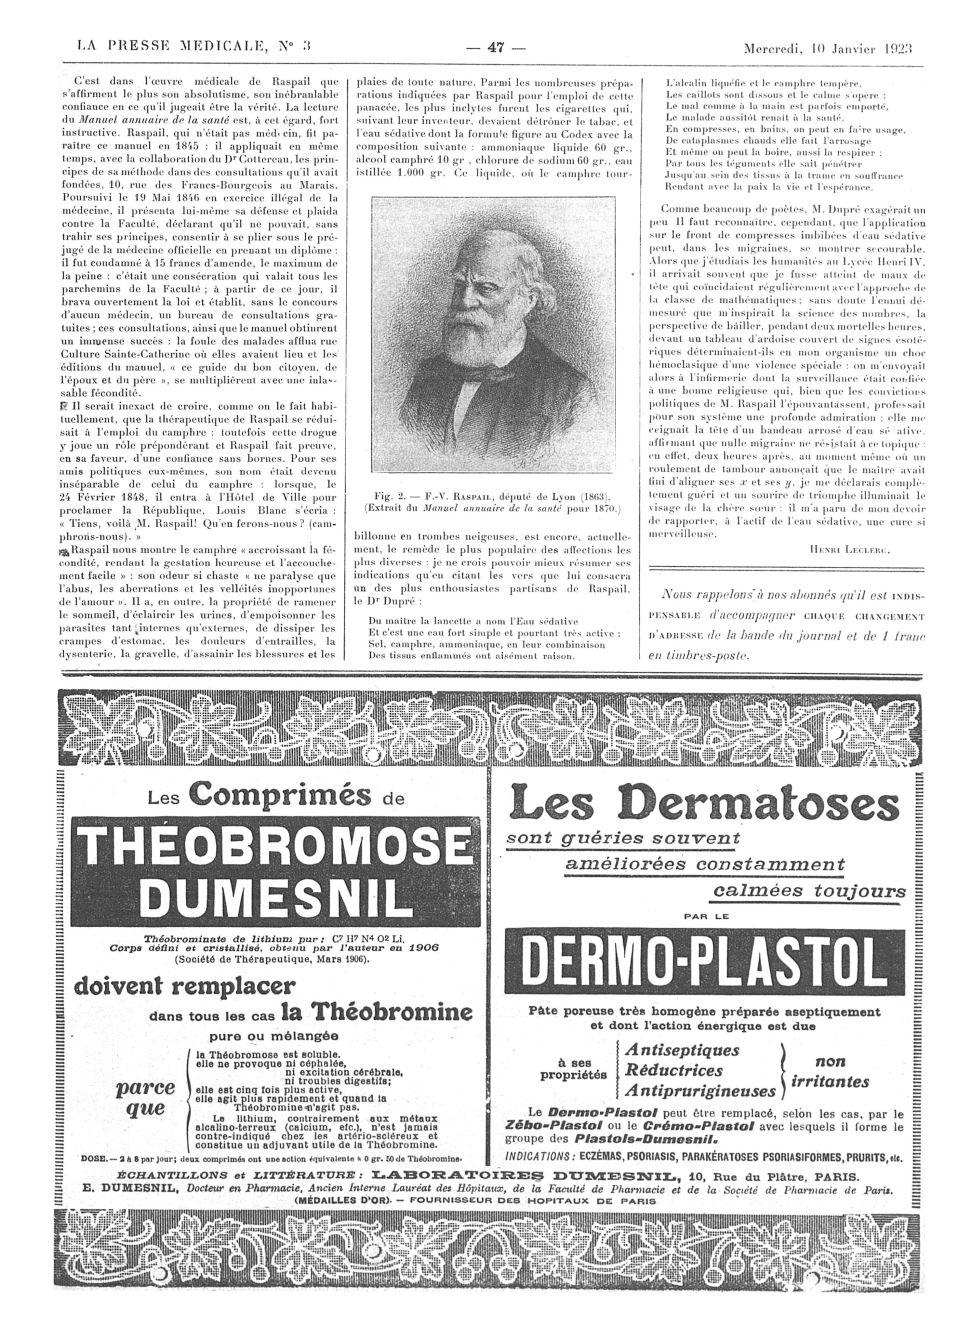 Fig. 2. F.-V. Raspail, député de Lyon (1863). (Extrait du Manuel annuaire de la santé pour 1870.) -  [...] -  - med100000x1923xannexesx0047